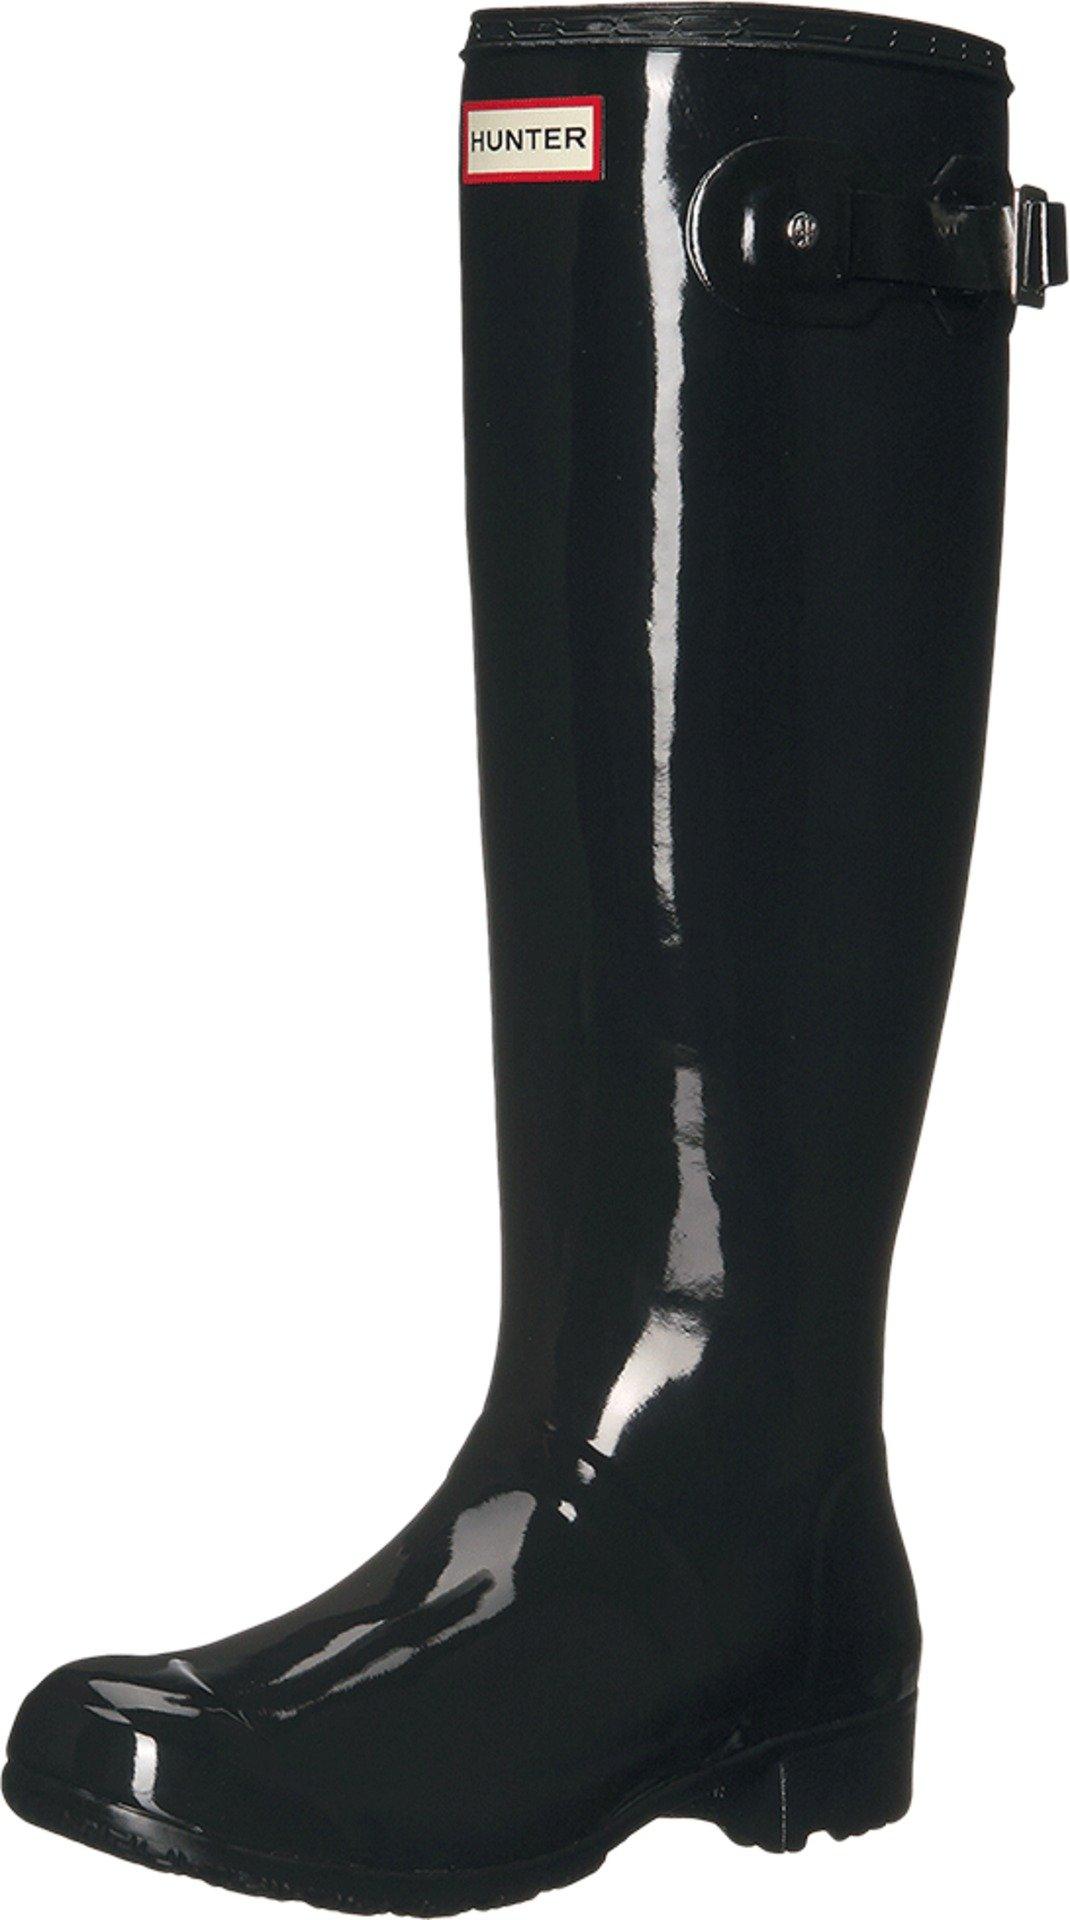 Hunter Women's Original Tour Gloss Black Boot